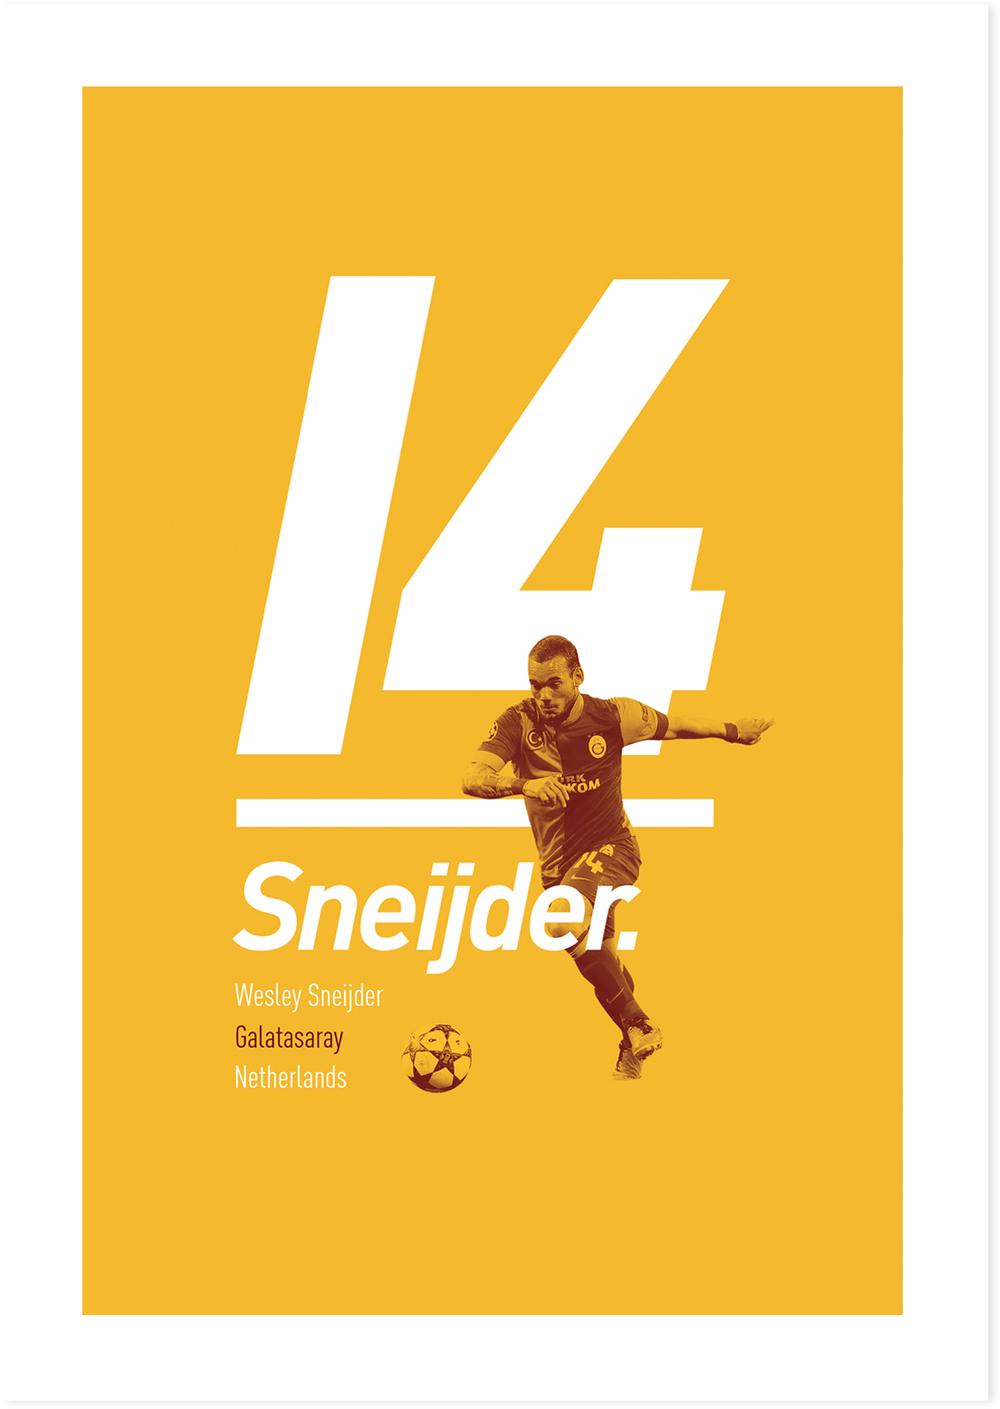 Sneijder_web.jpg